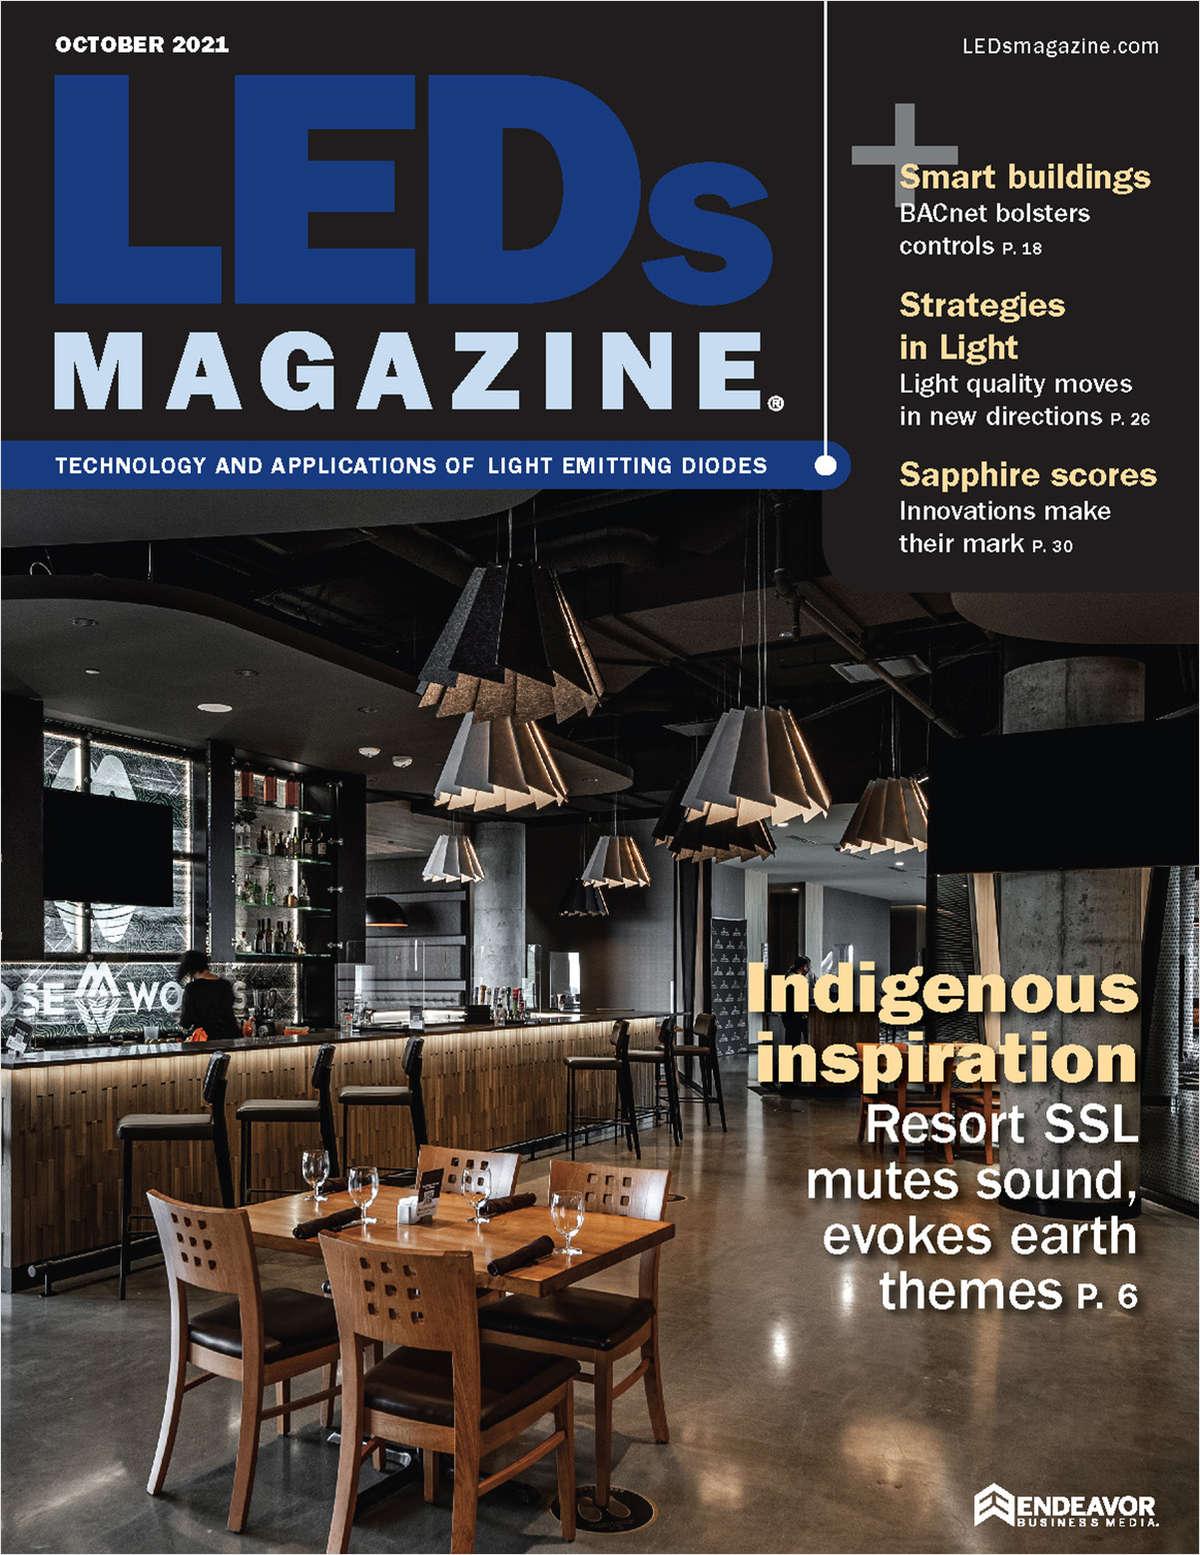 LEDs Magazine